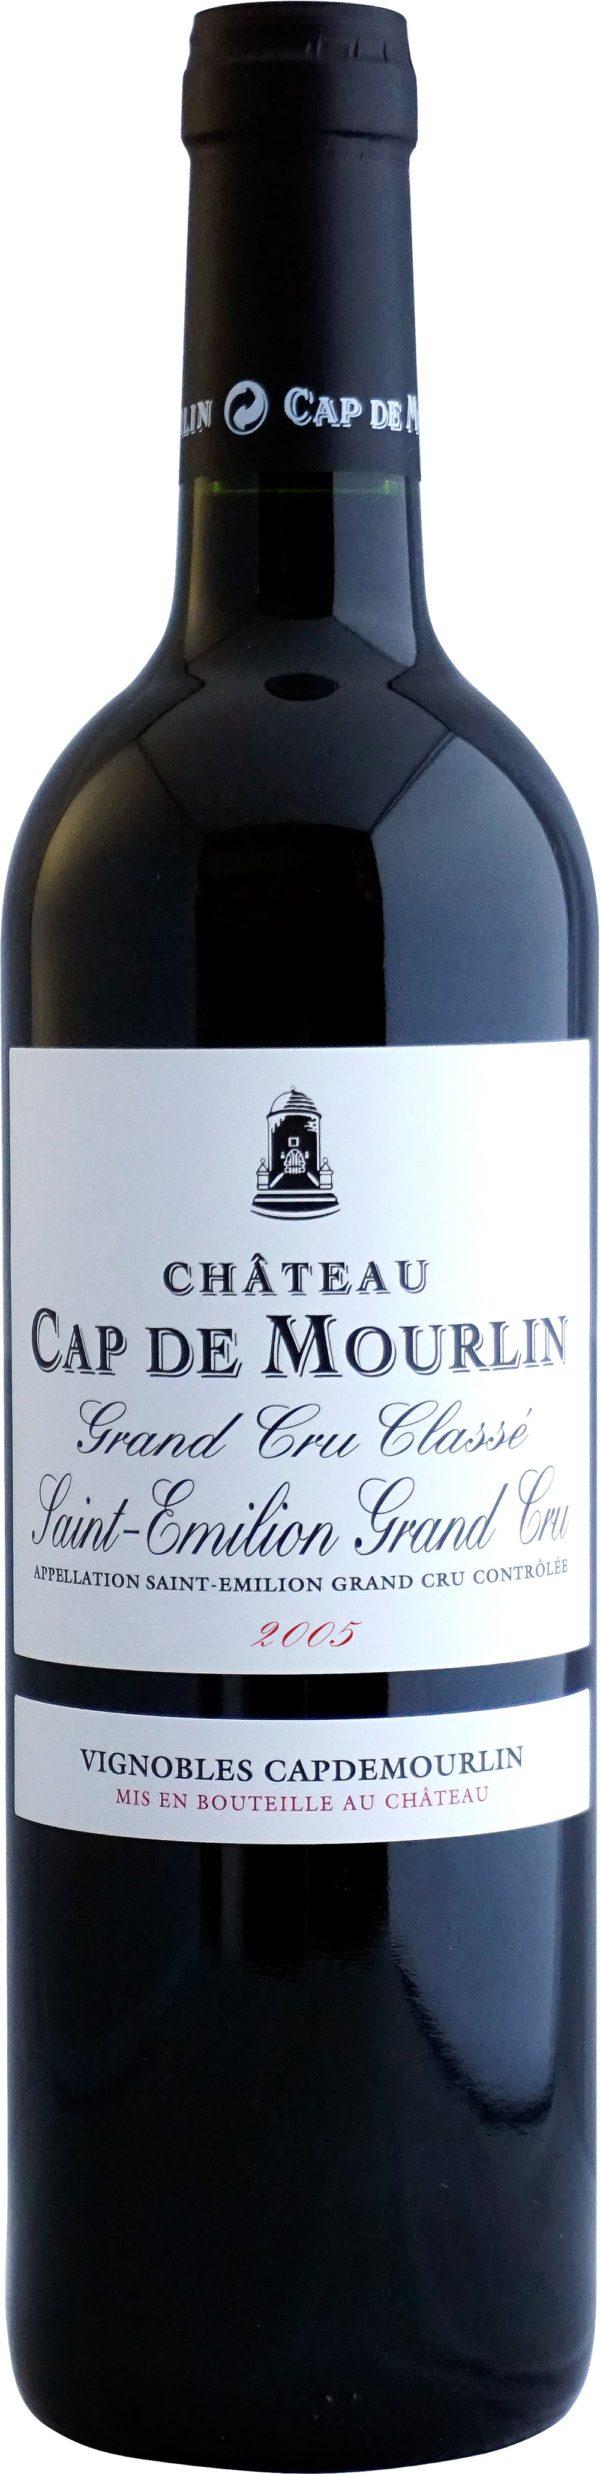 Château Cap De Mourlin 2005